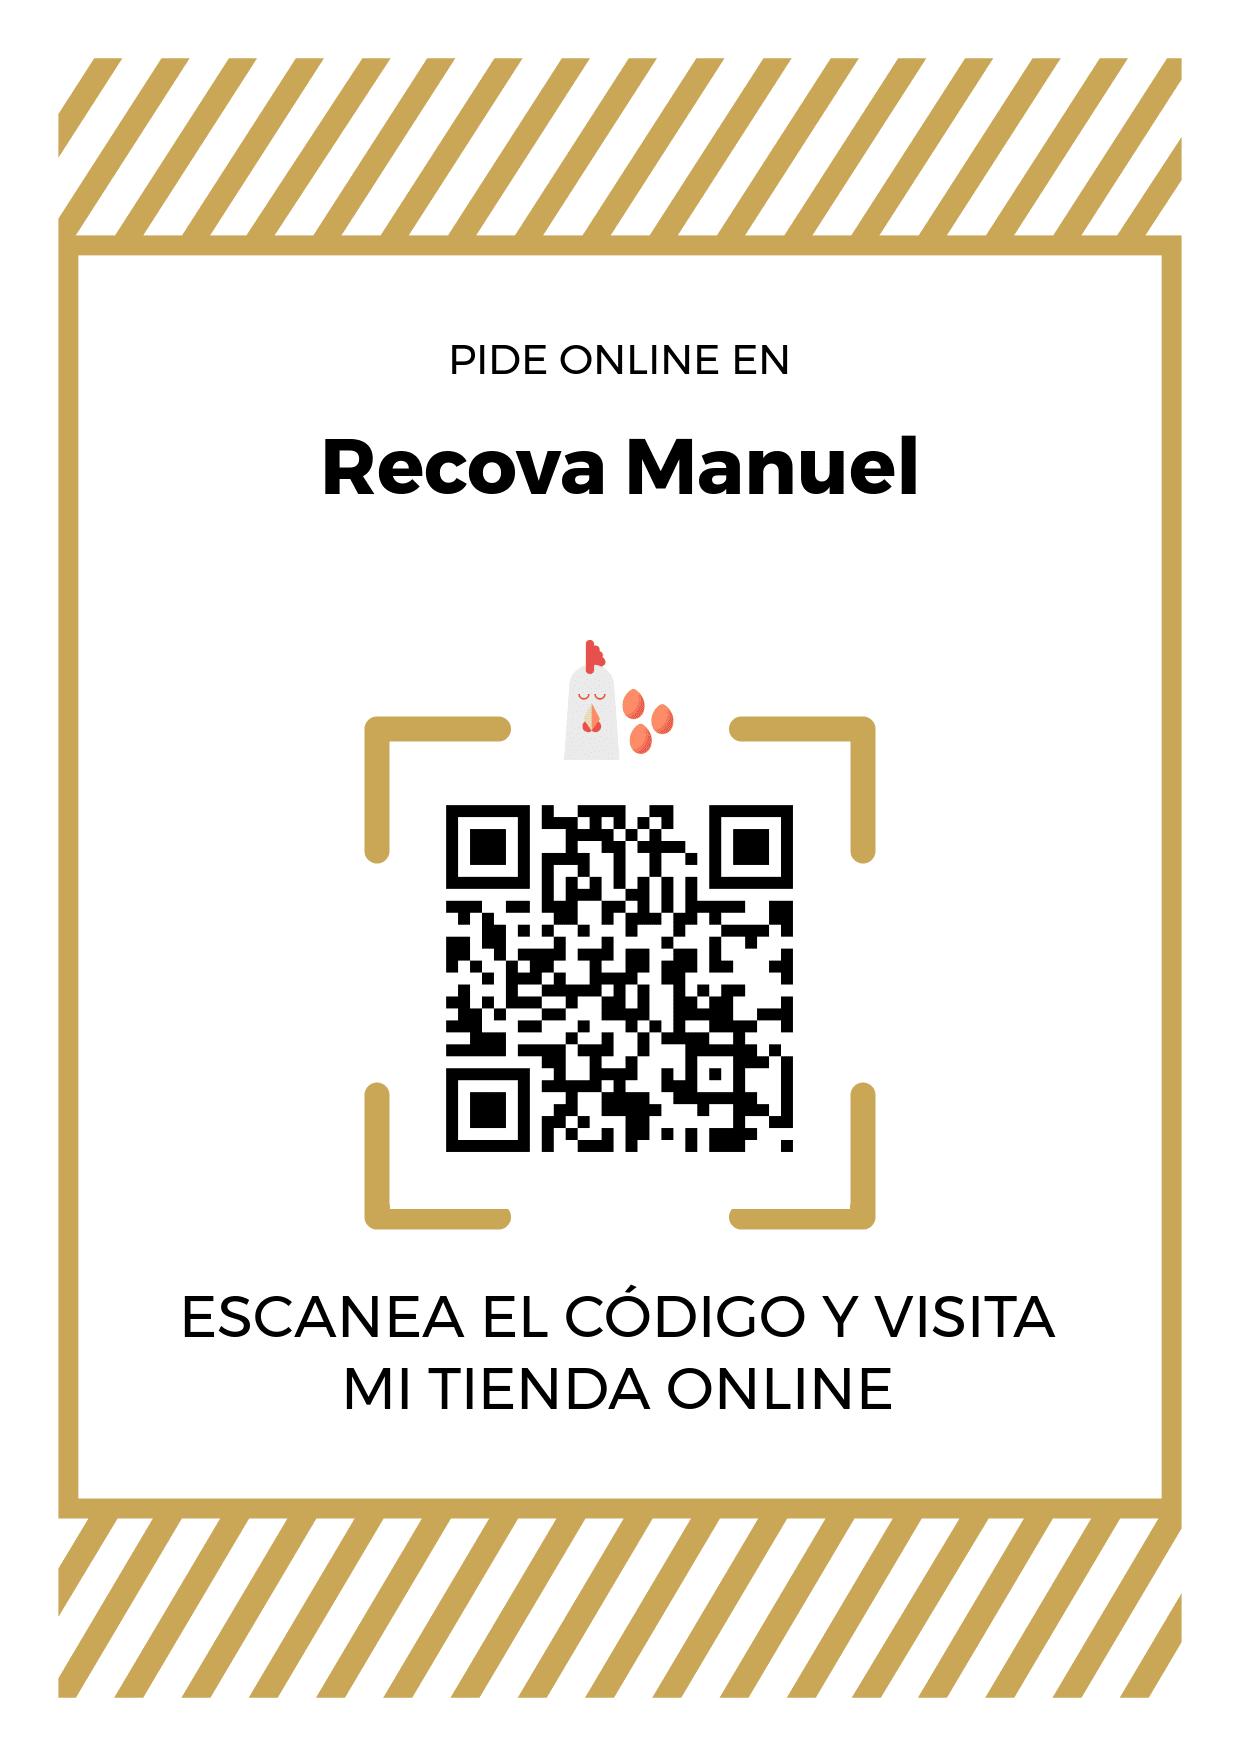 Cartel Póster de Código QR para tienda de Recova